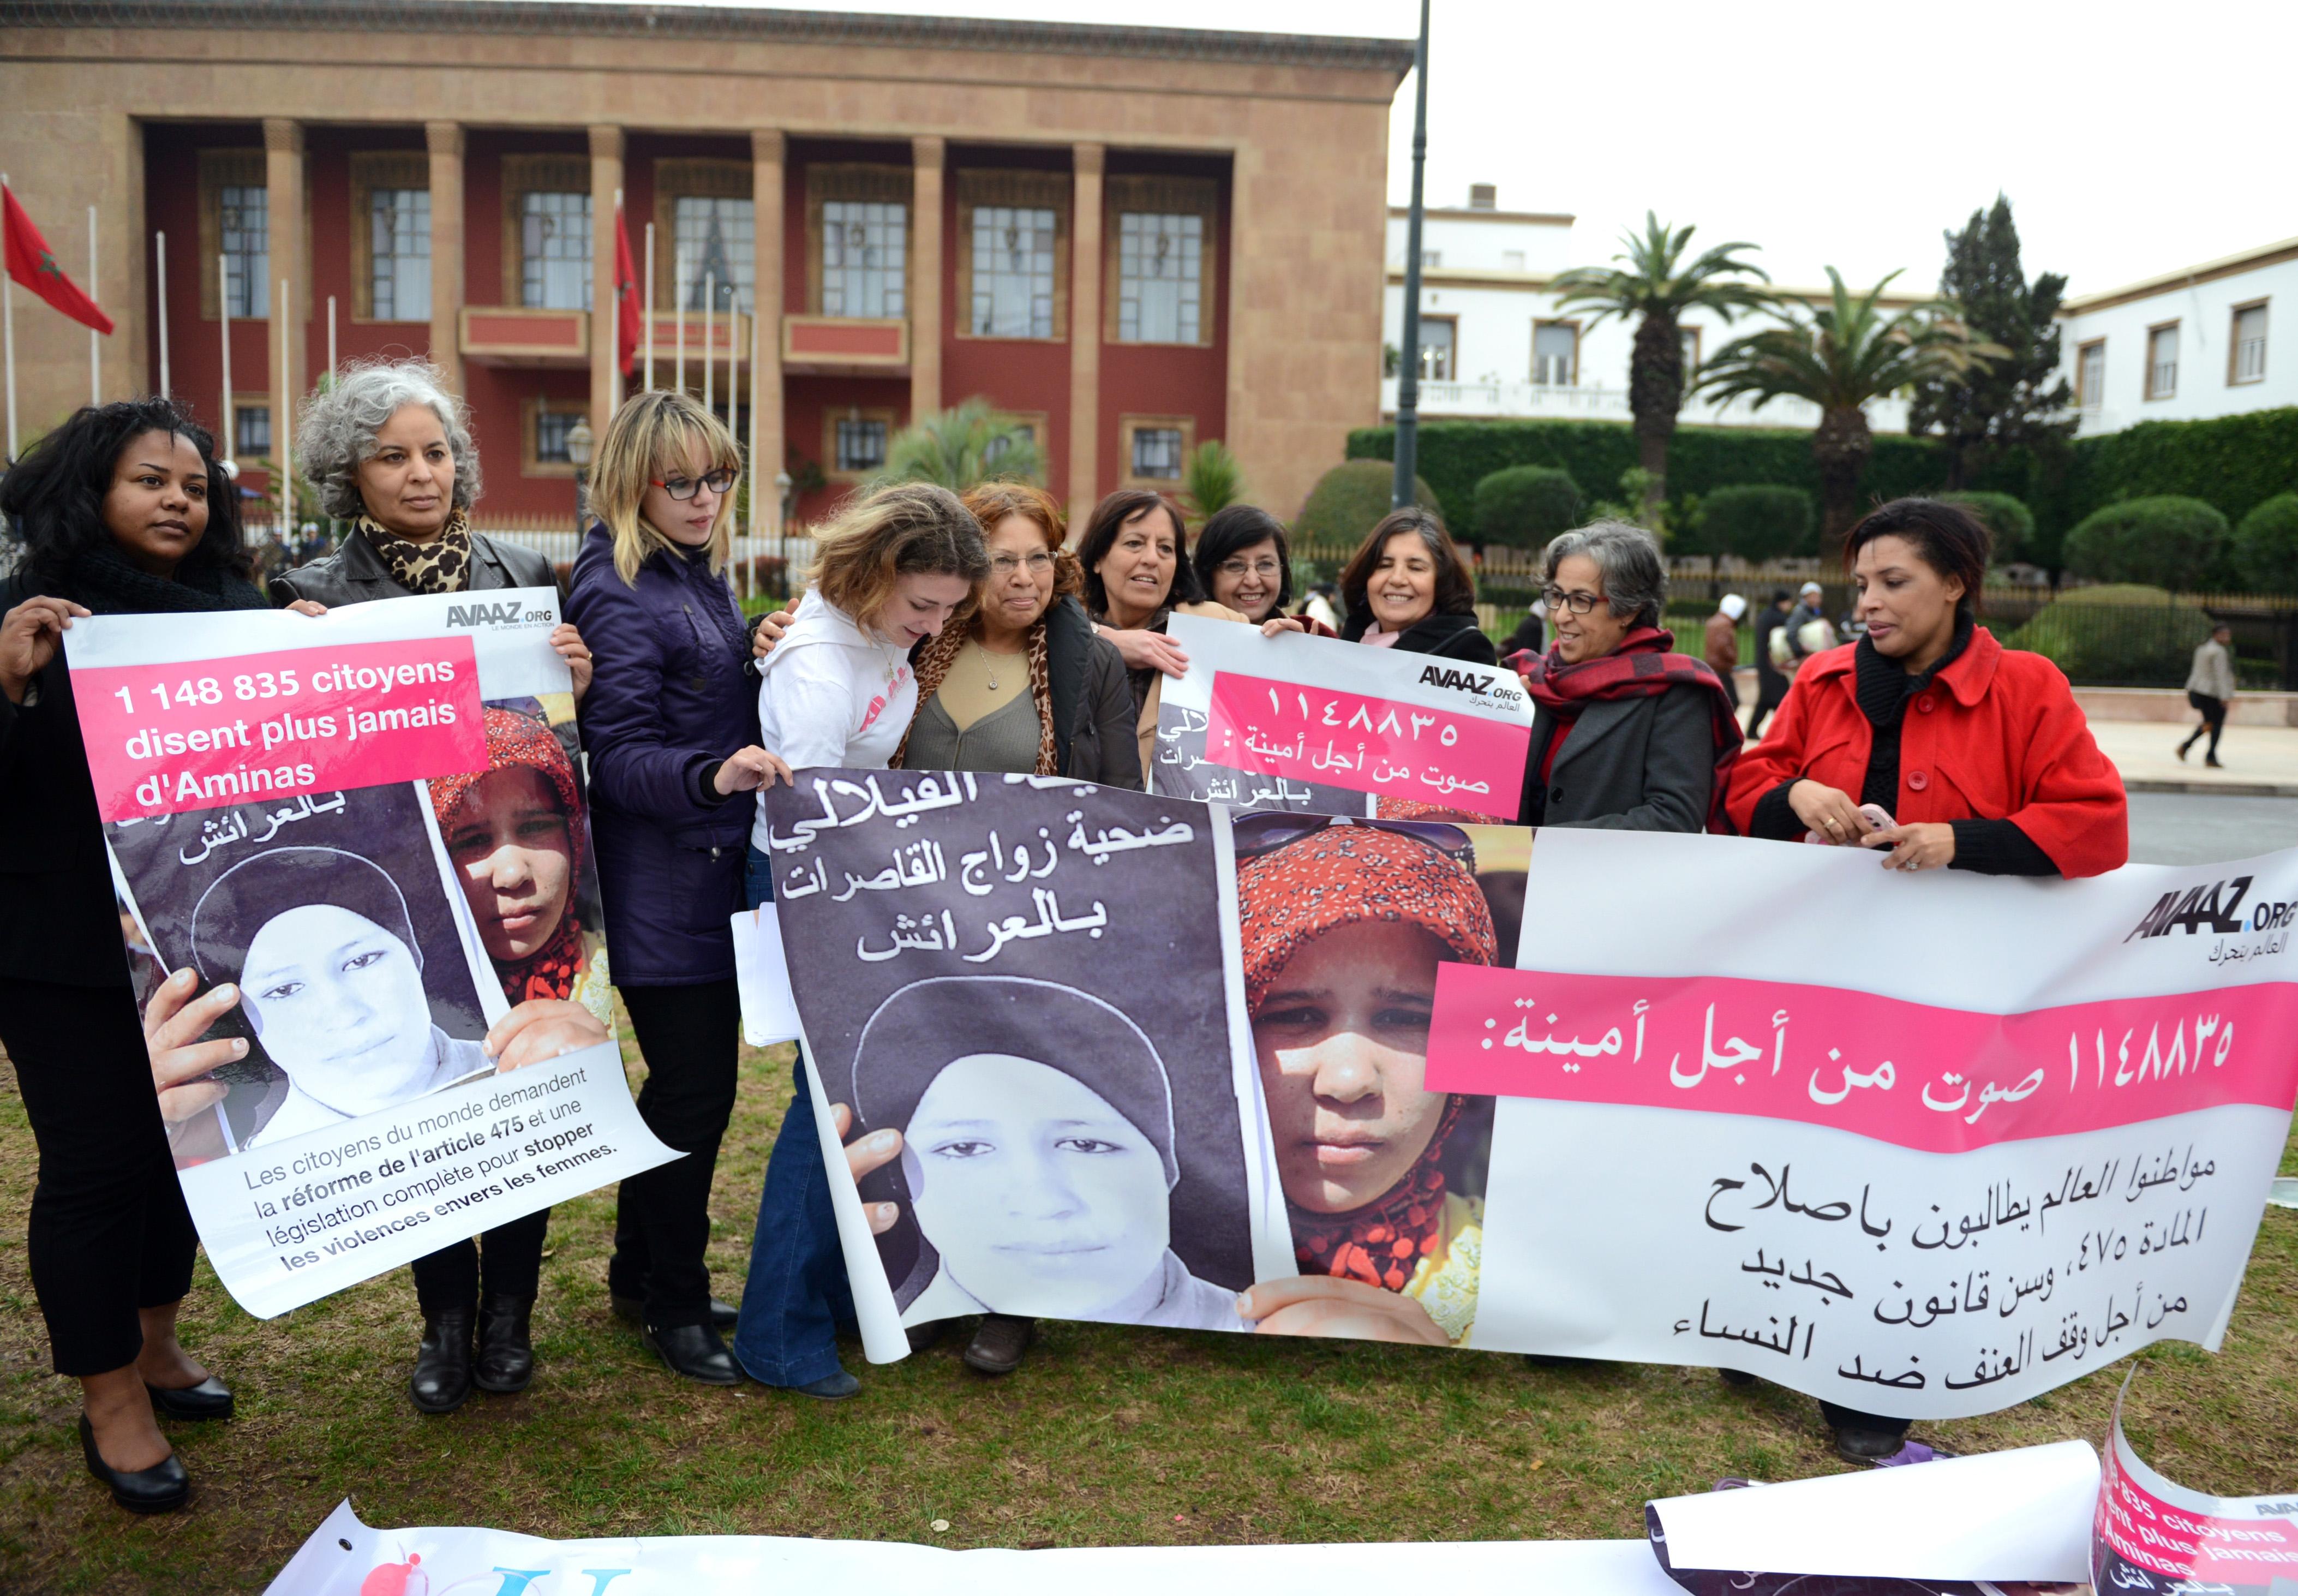 المغرب: مجلس النواب يلغي العفو عن المغتصب في حال زواجه من الضحية